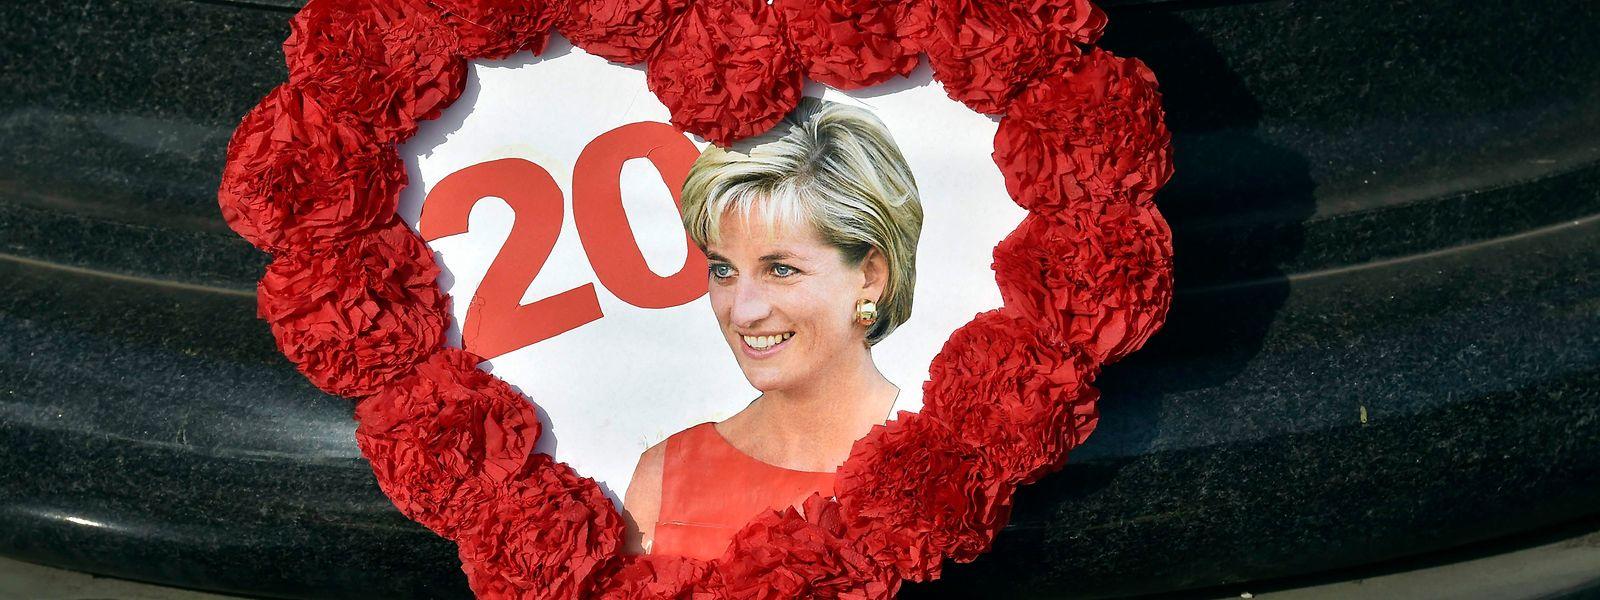 Heute vor 20 Jahren starb Lady Di nach einem Verkehrsunfall in Paris.